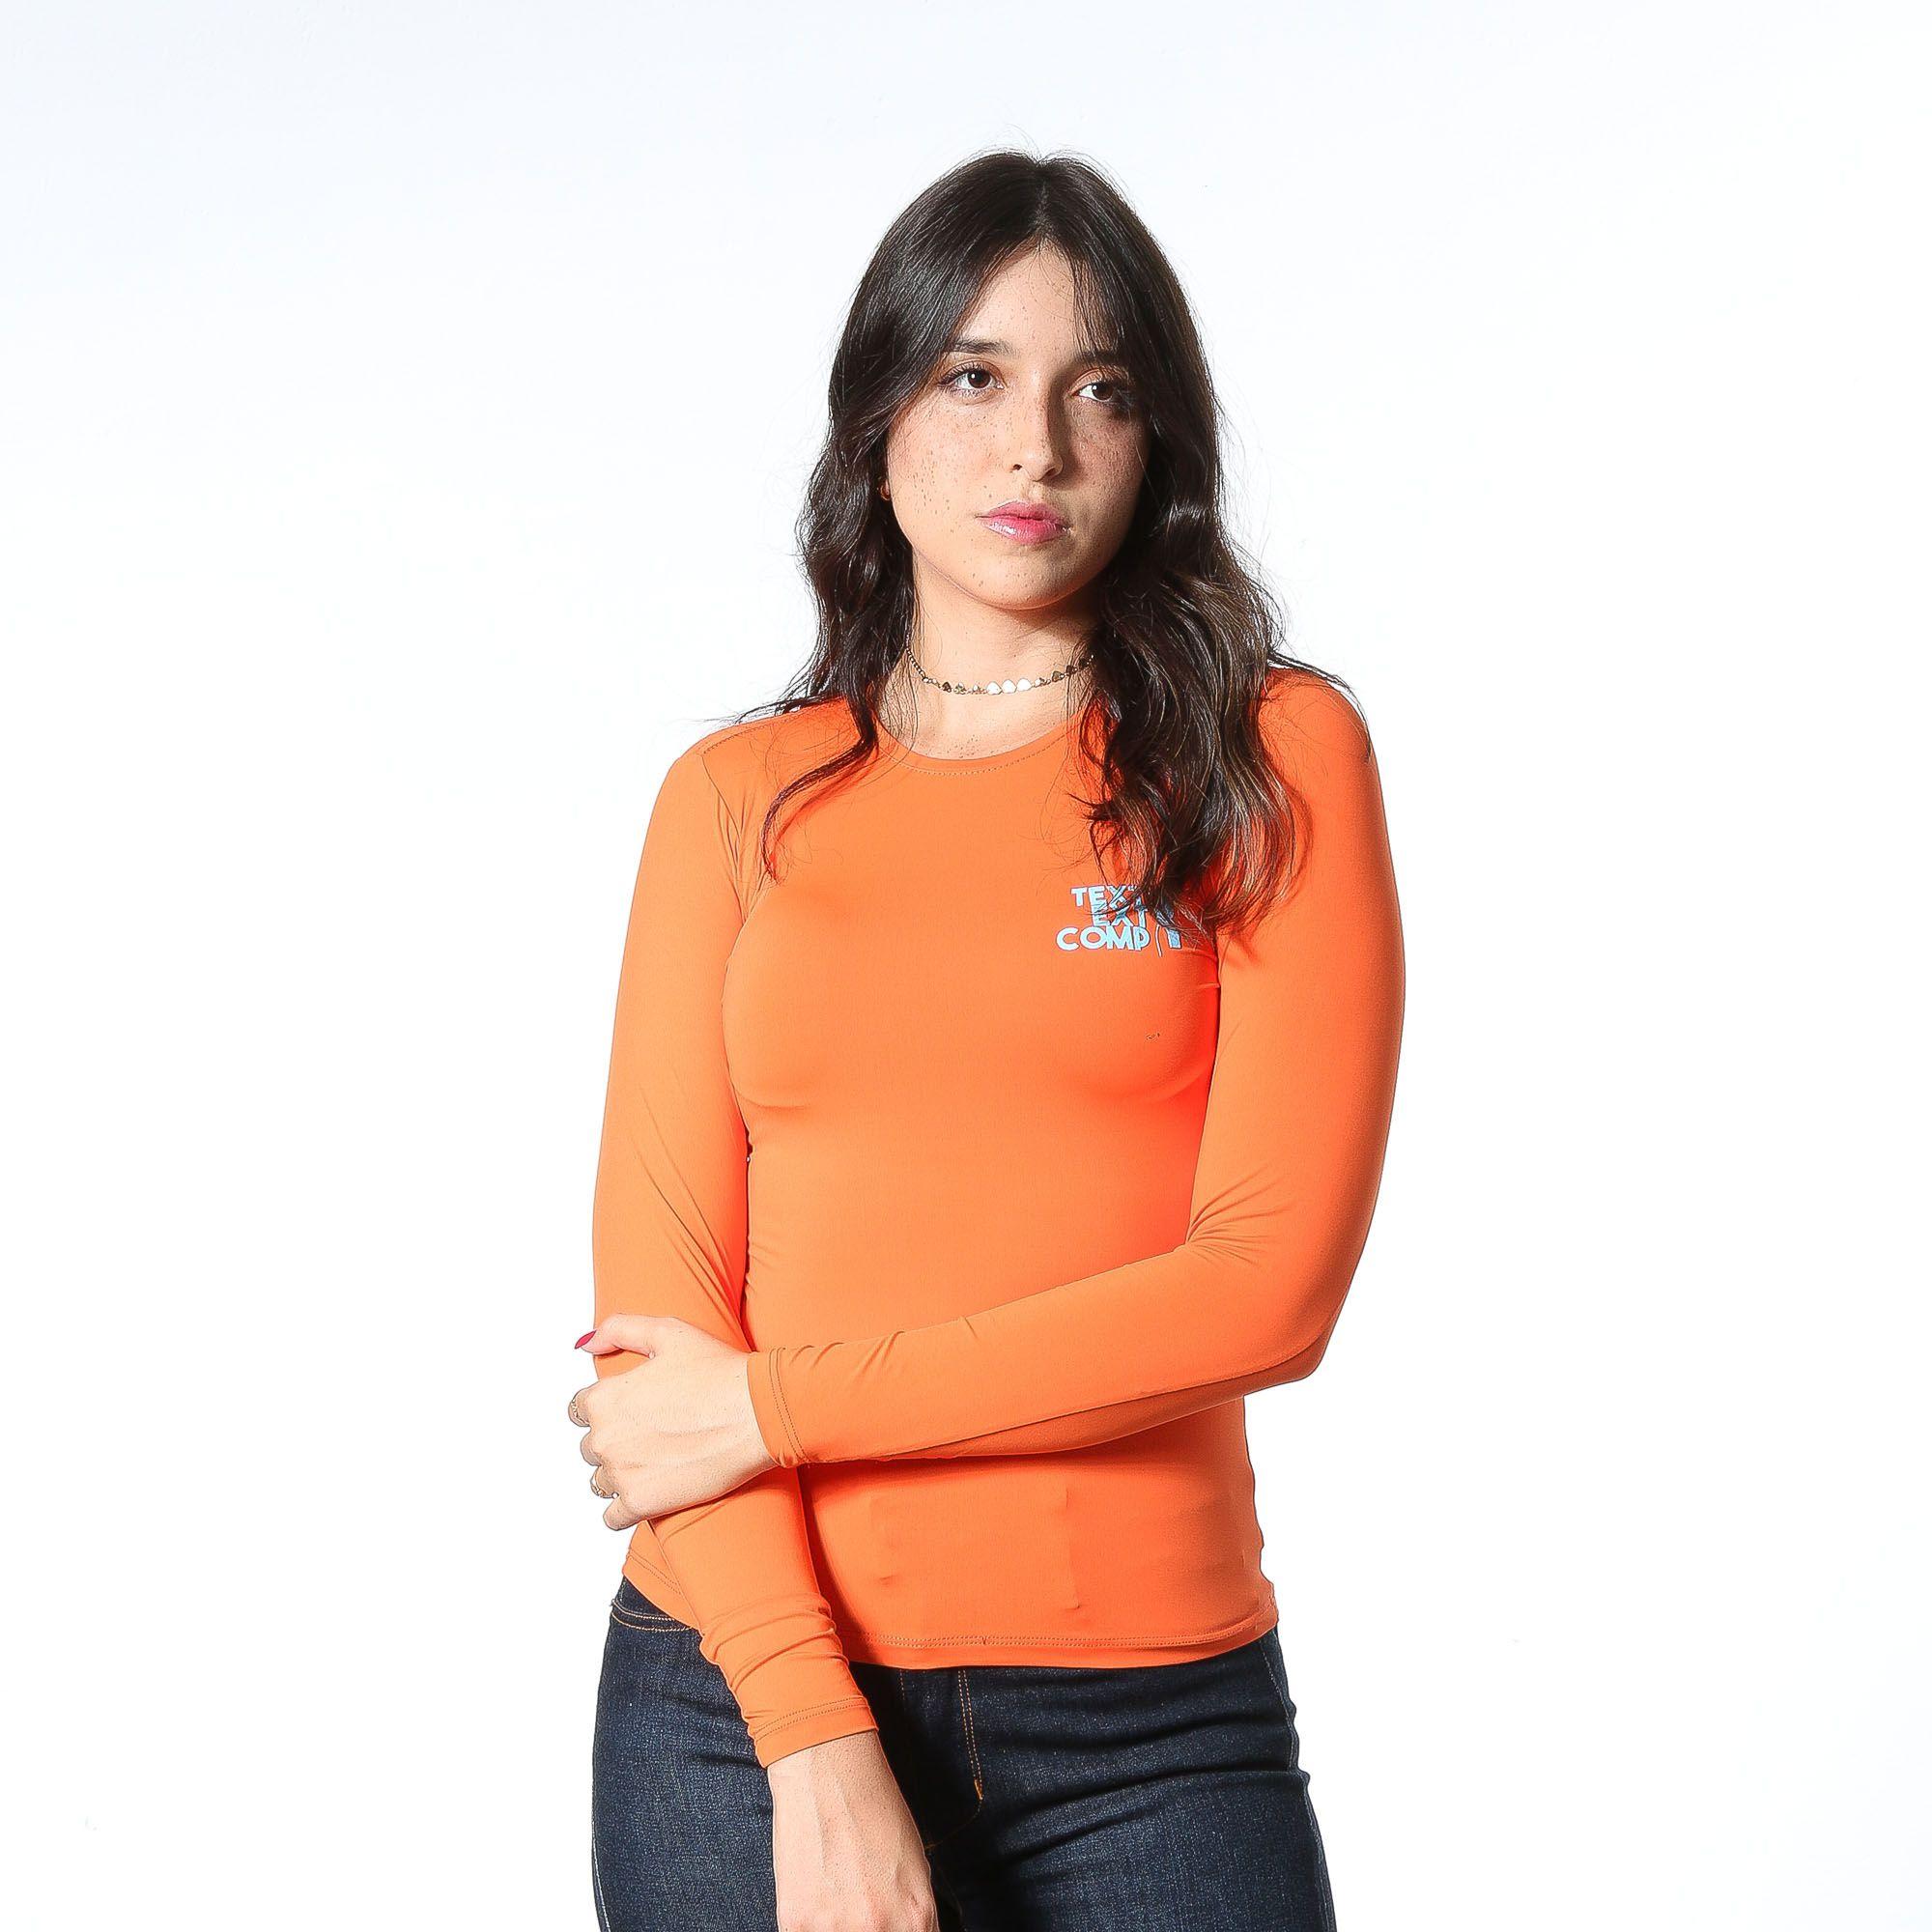 Camiseta TXC Brand UV 4482